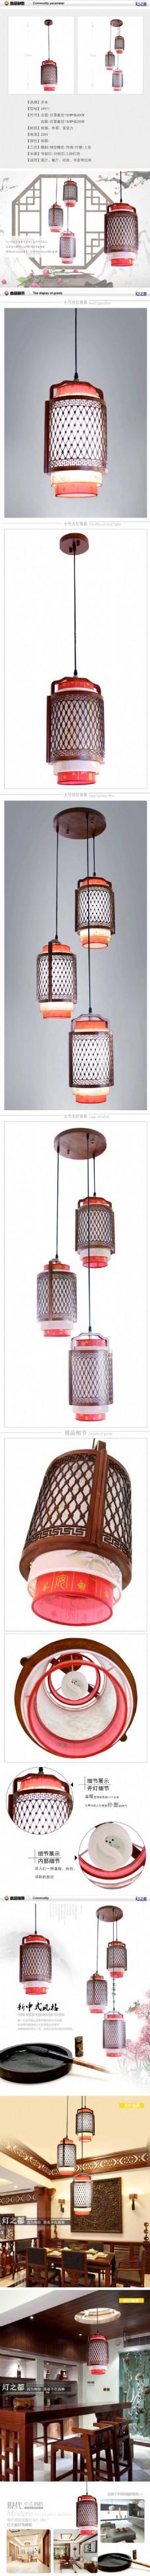 中式复古吊灯-灯具描述